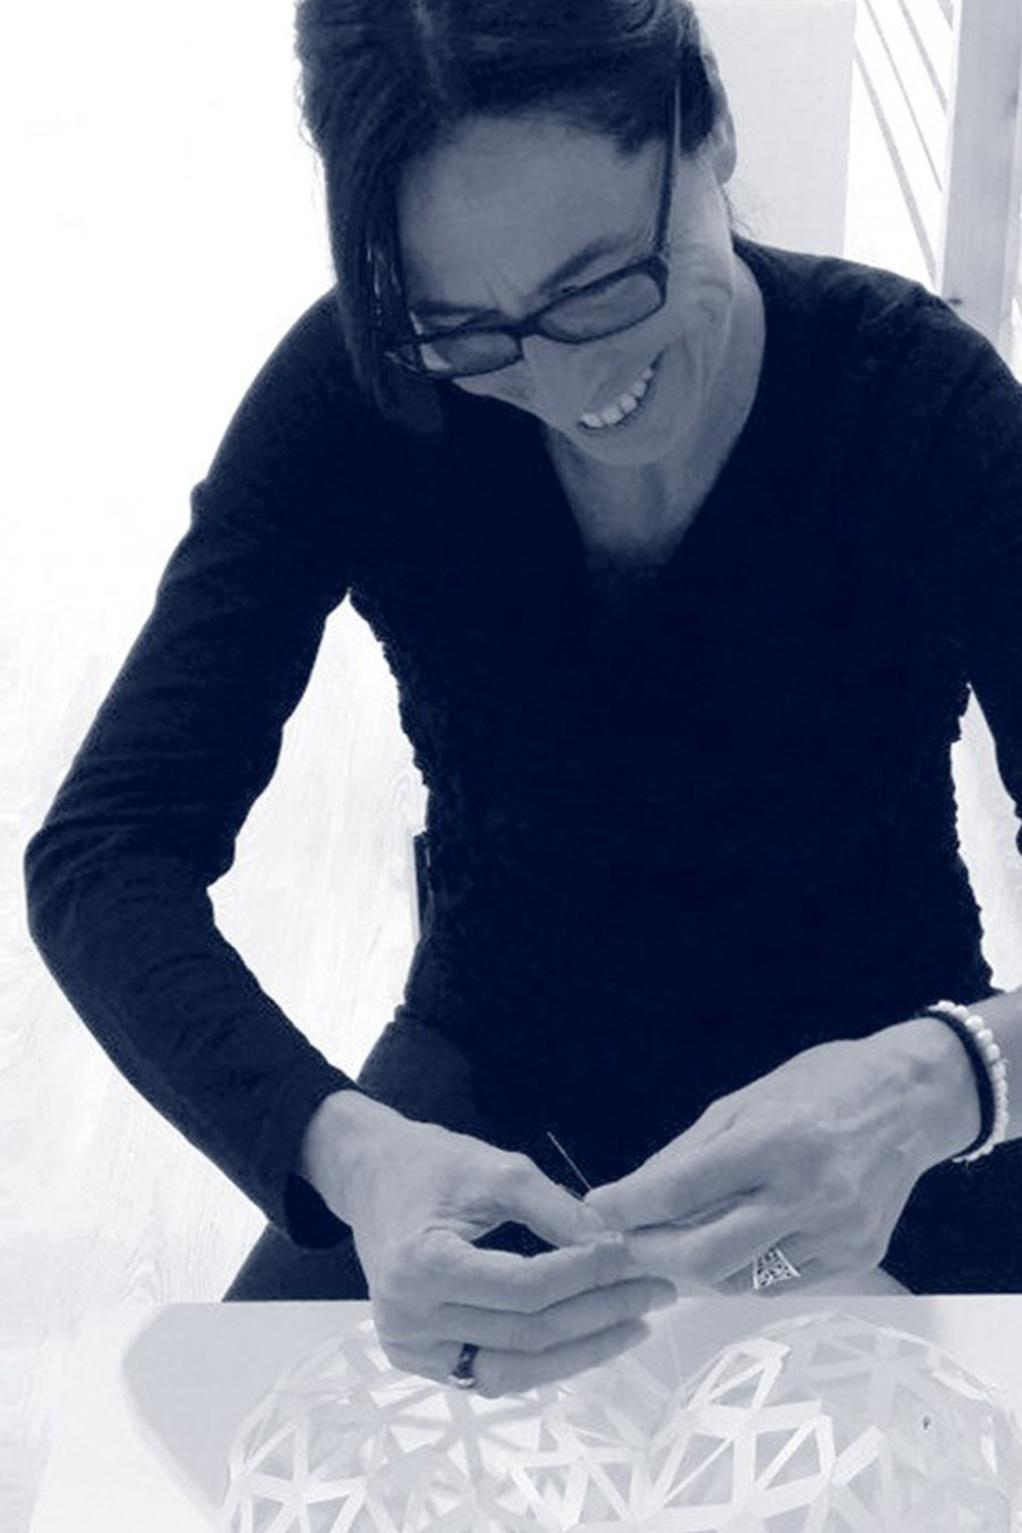 Bover founder Joana Bover